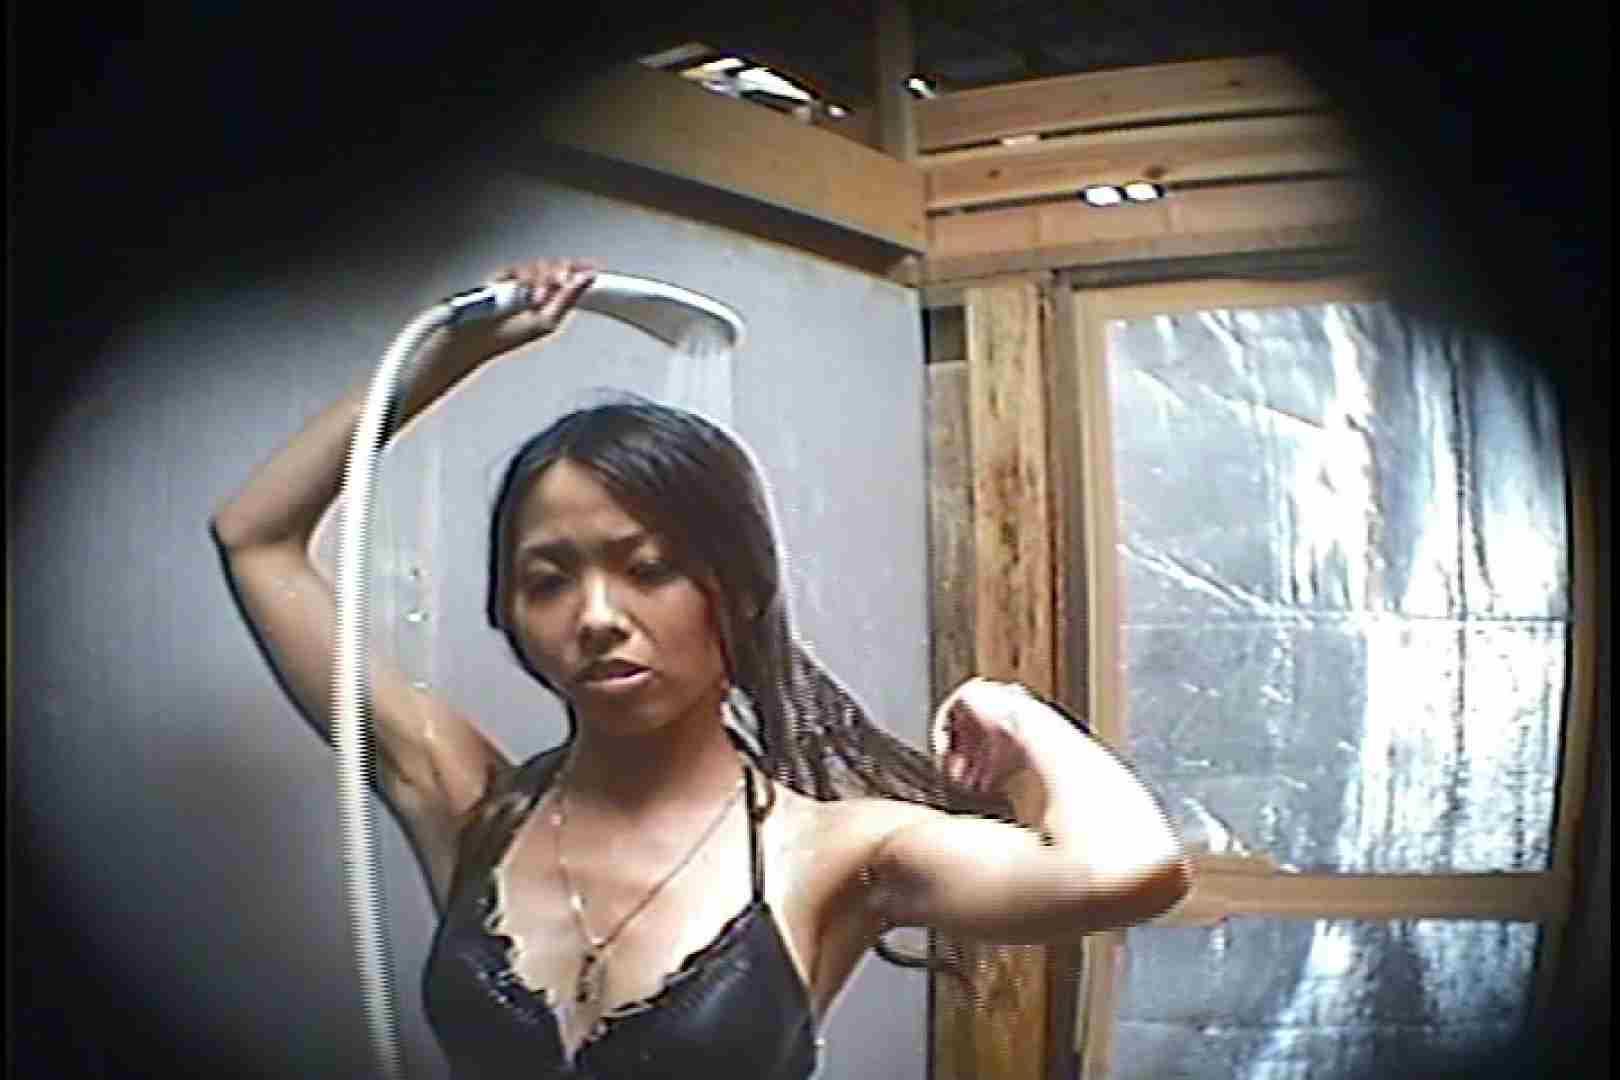 海の家の更衣室 Vol.45 シャワー中 | 美女達のヌード  64連発 19